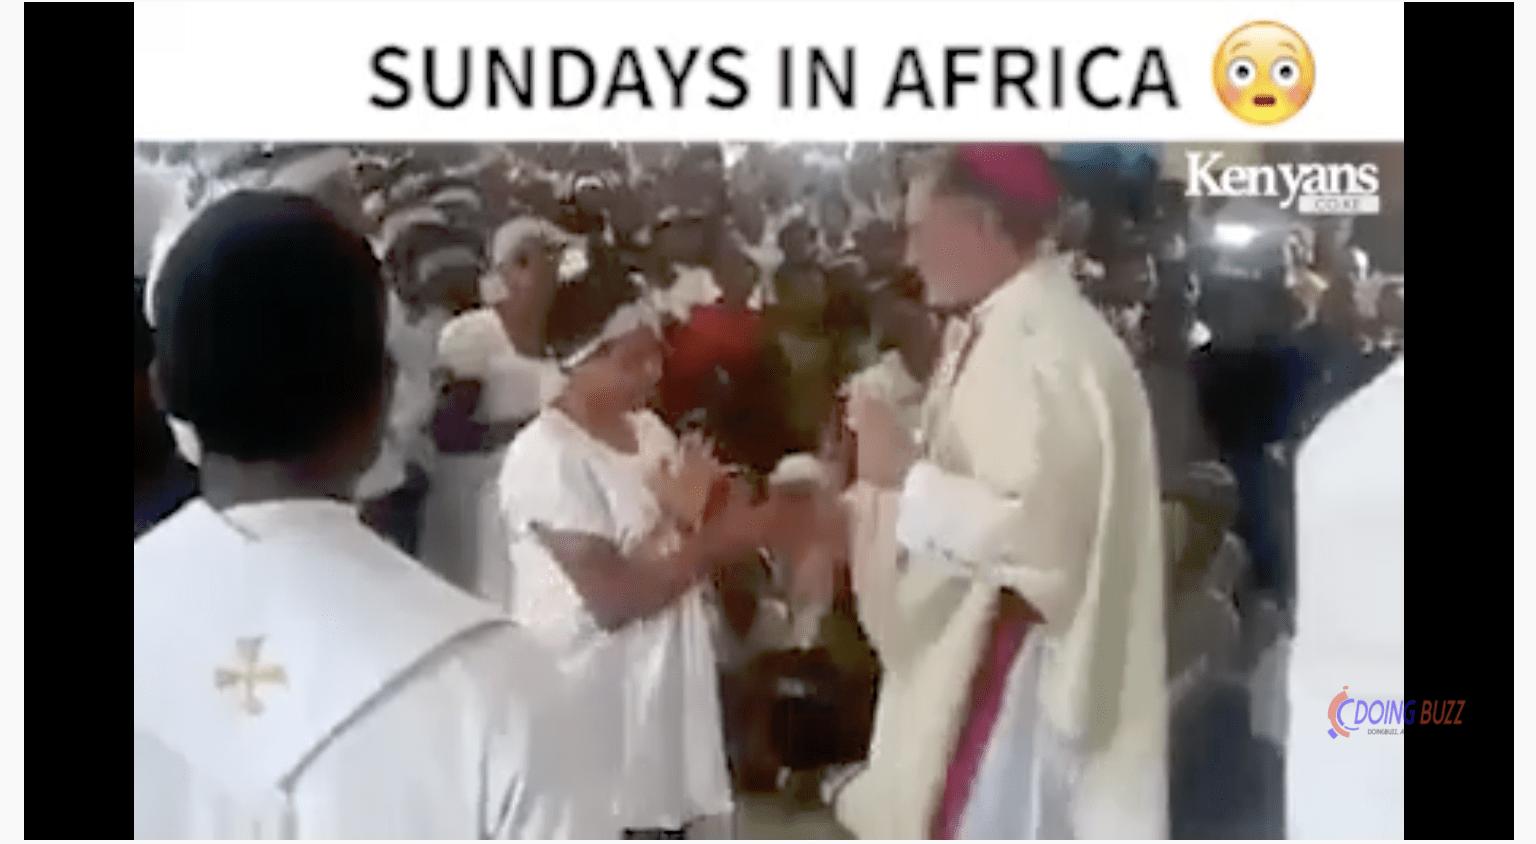 Kenya : un prêtre catholique chicote ses fidèles (video)